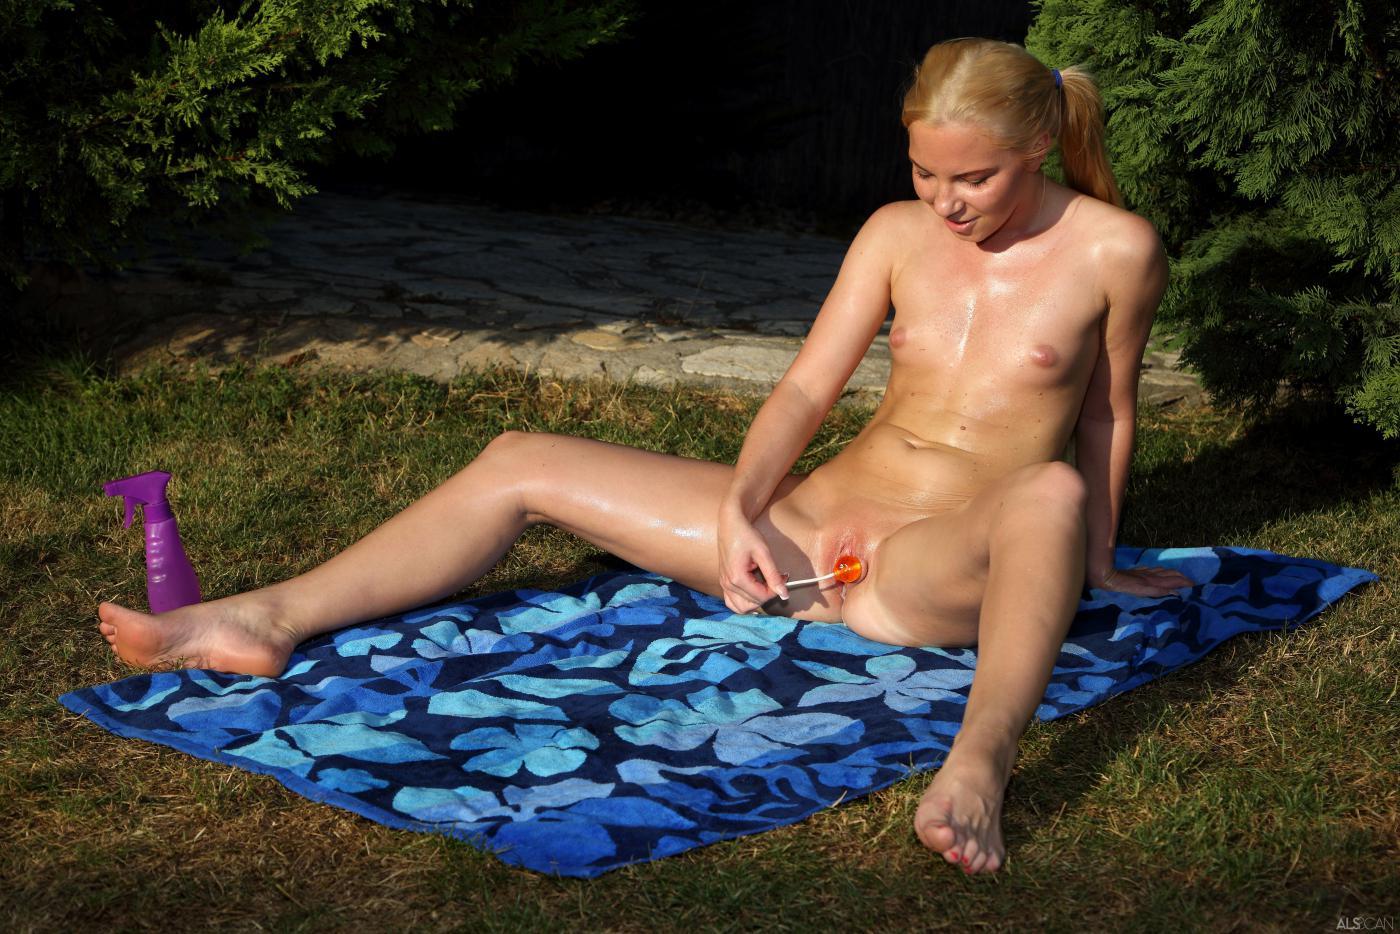 Голенькие красотки-лесбиянки Cayenne Klein и Angie Koks позируют со своими письками в саду